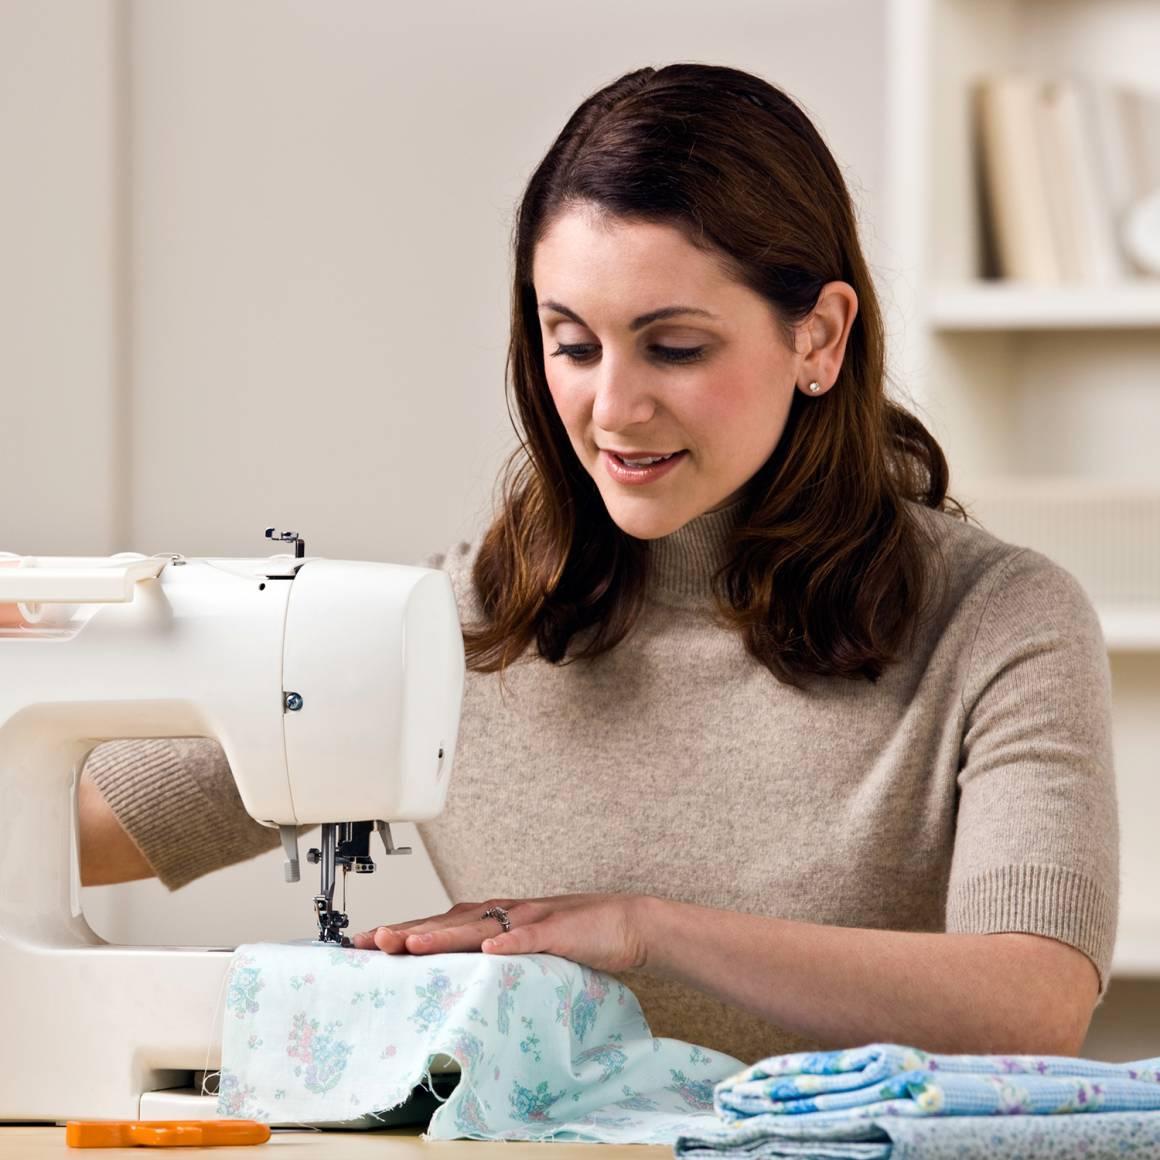 Migliori macchine per cucire 1160x1160 - Risparmiare soldi confezionando vestiti e piccole riparazioni con le Migliori macchine per cucire